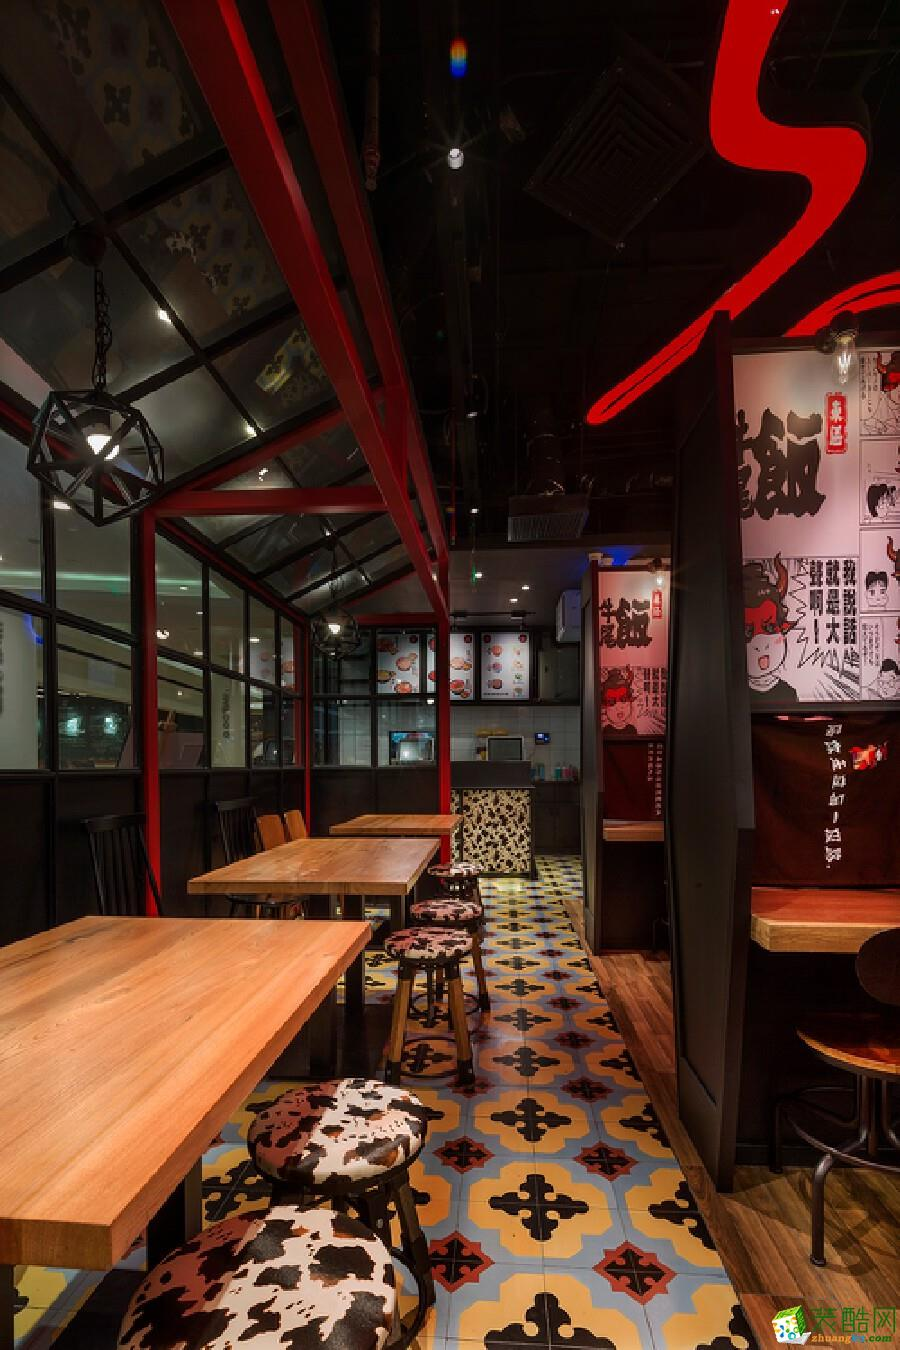 濟南鐵板燒燒烤烤肉火鍋蓋飯店餐廳酒樓餐館飯館裝修設計裝飾公司